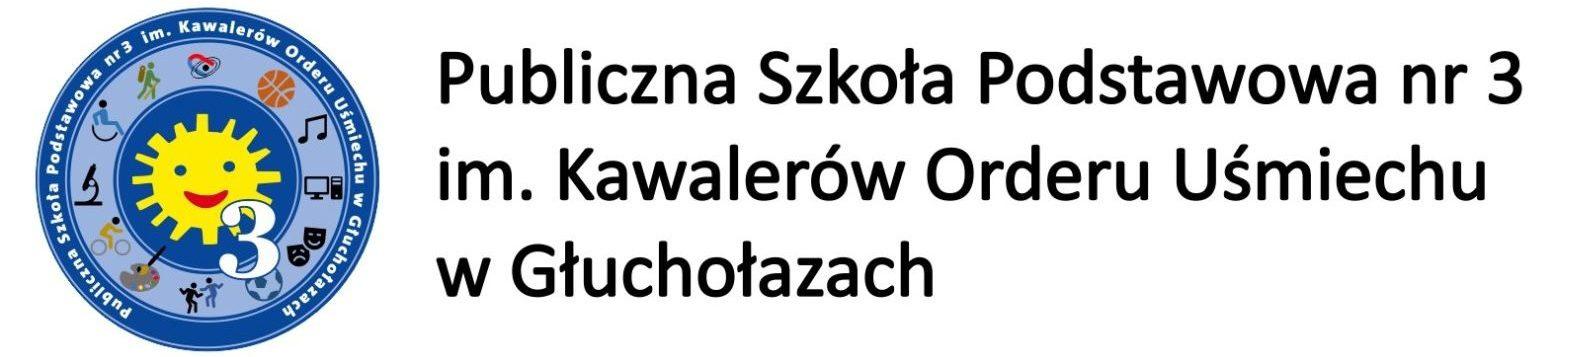 Publiczna Szkoła Podstawowa nr 3